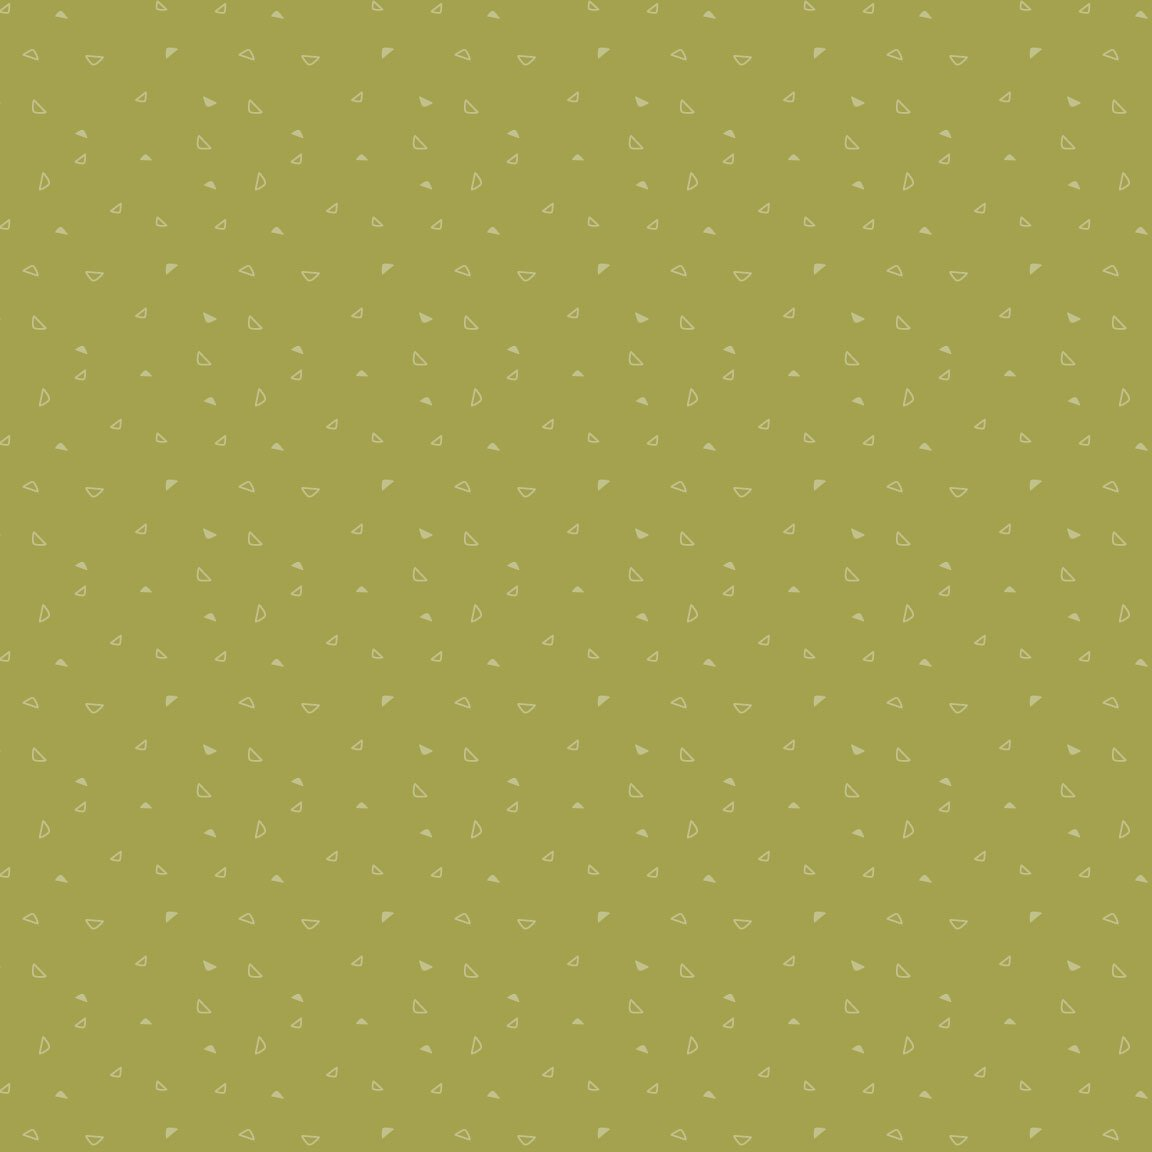 Sweet Bee Blenders Green